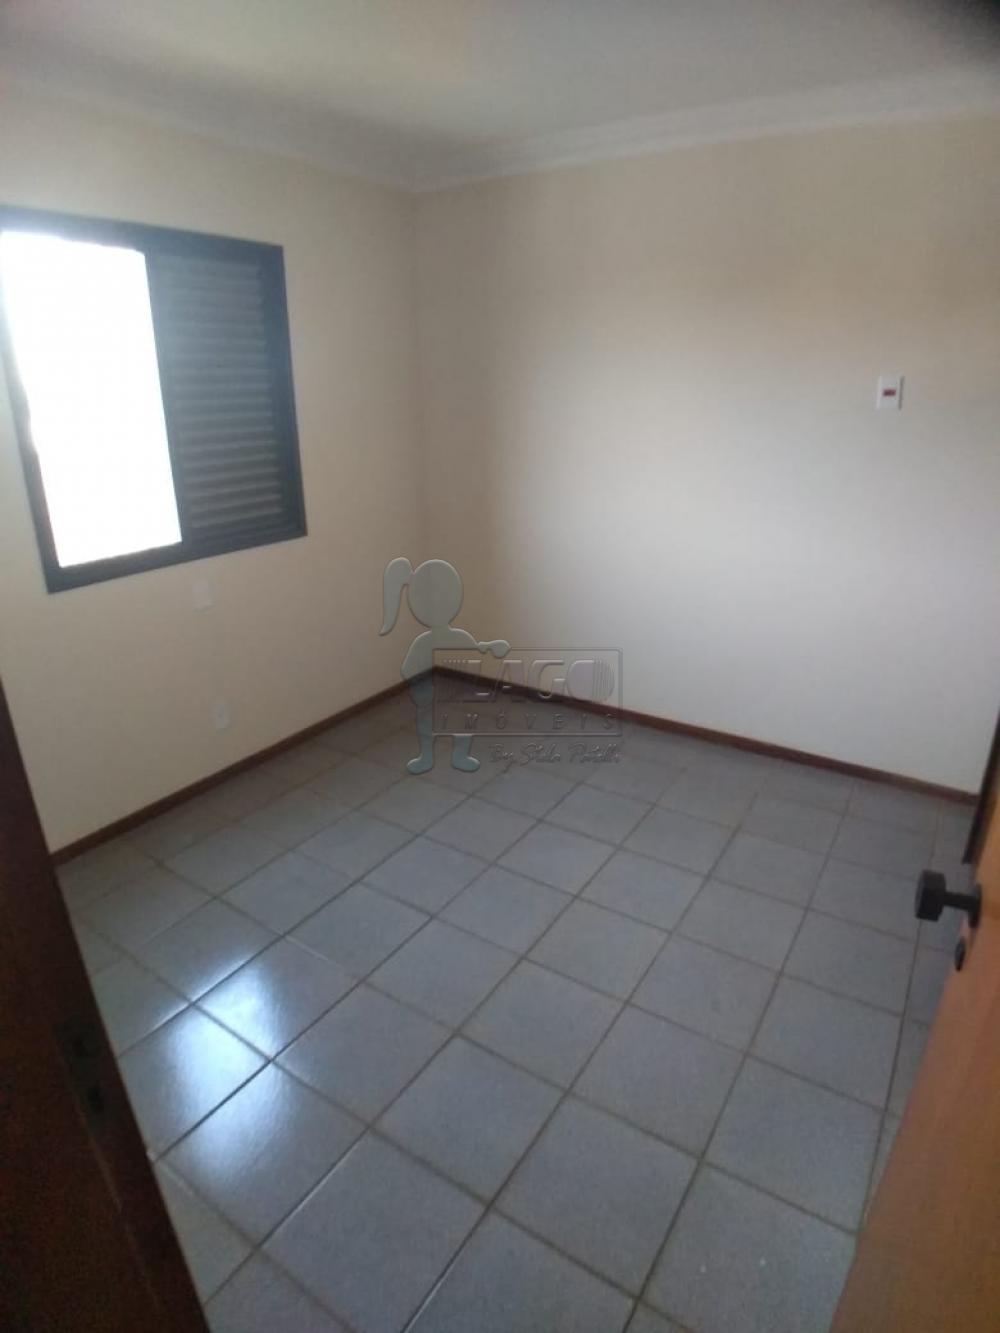 Alugar Apartamento / Padrão em Ribeirão Preto apenas R$ 1.300,00 - Foto 16